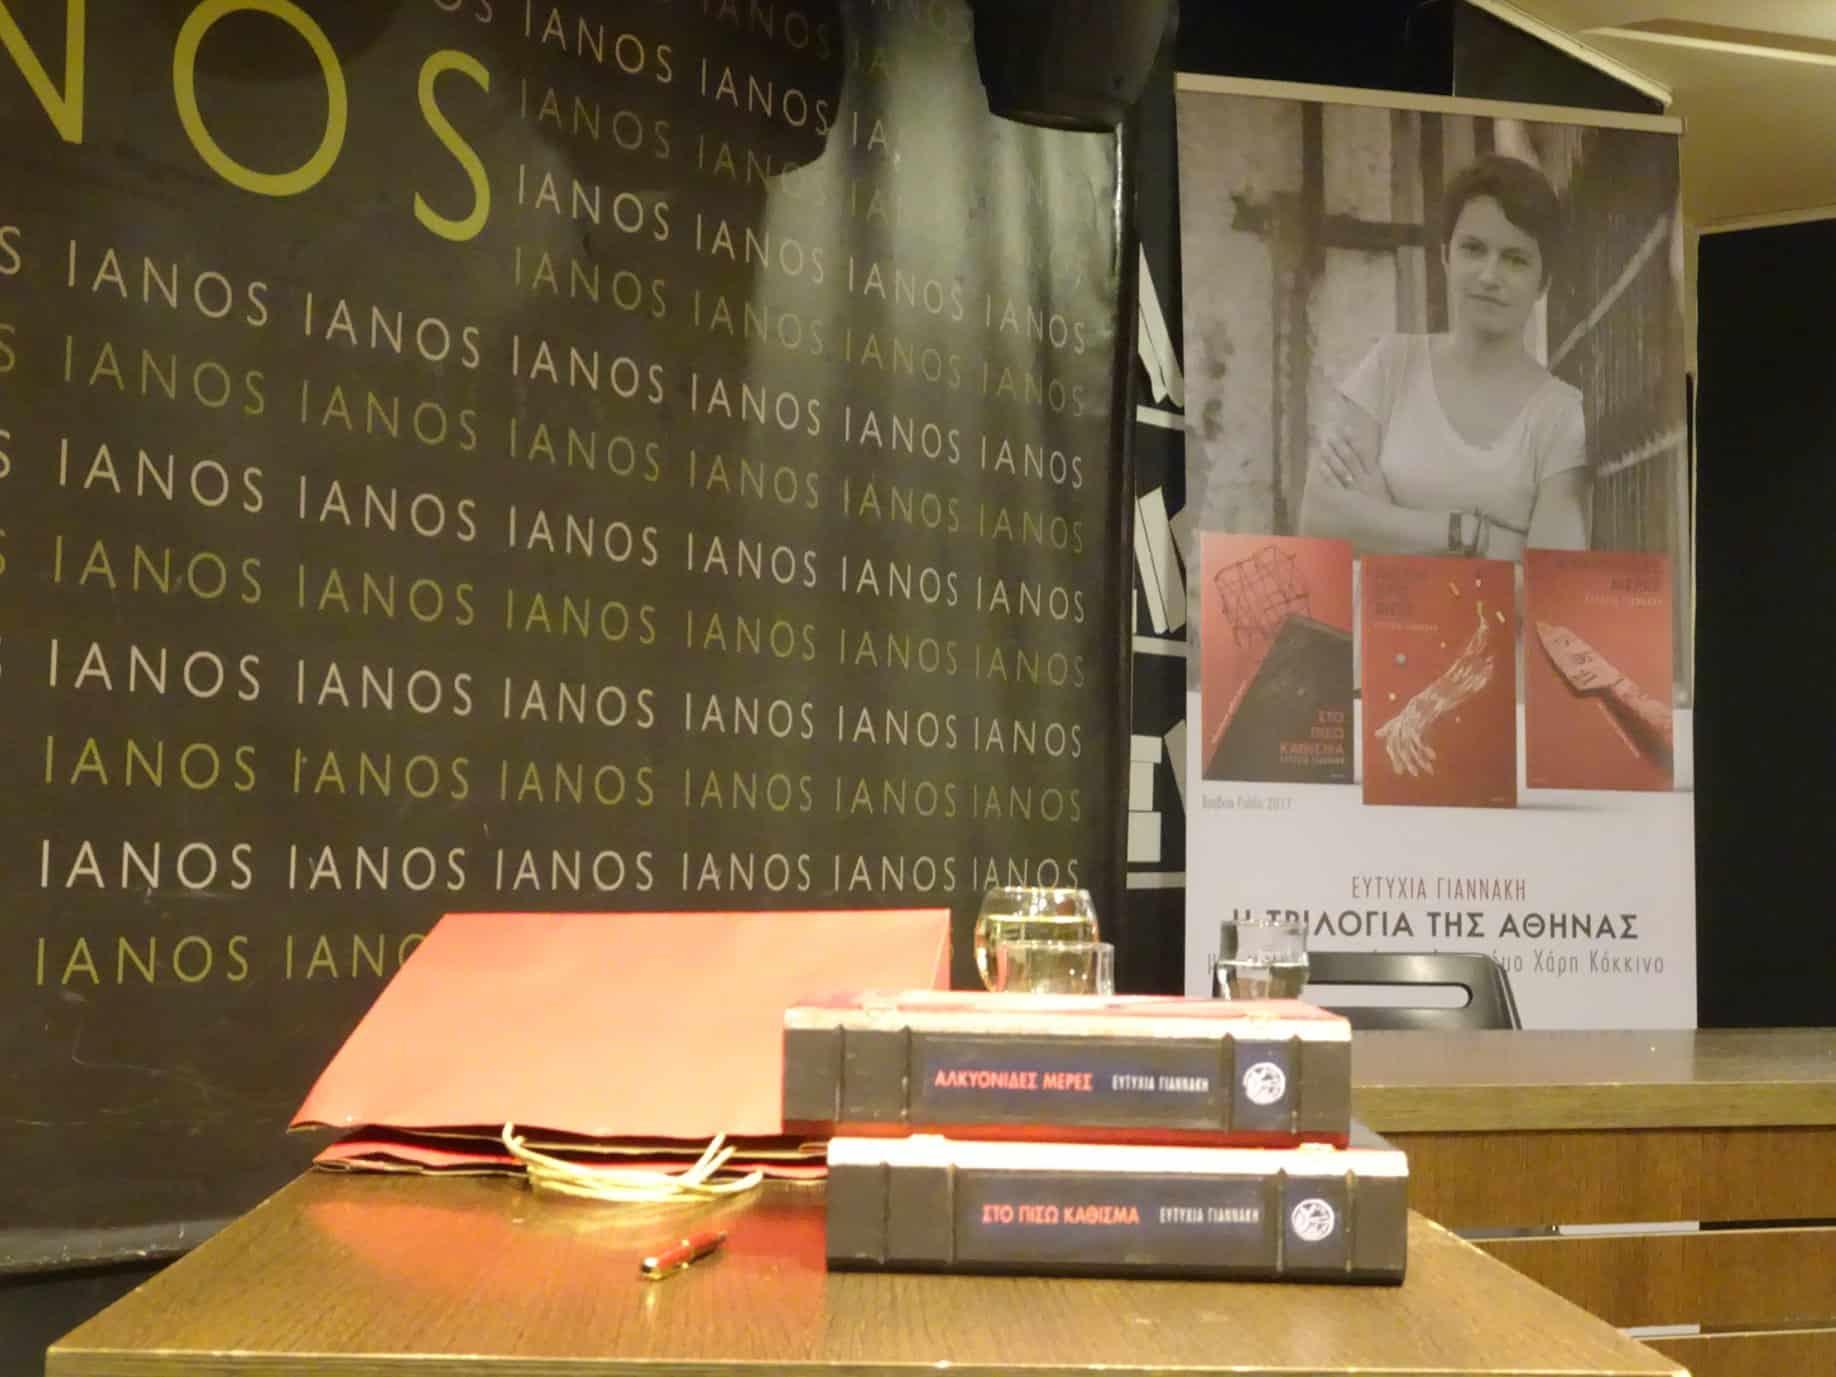 ianos_6